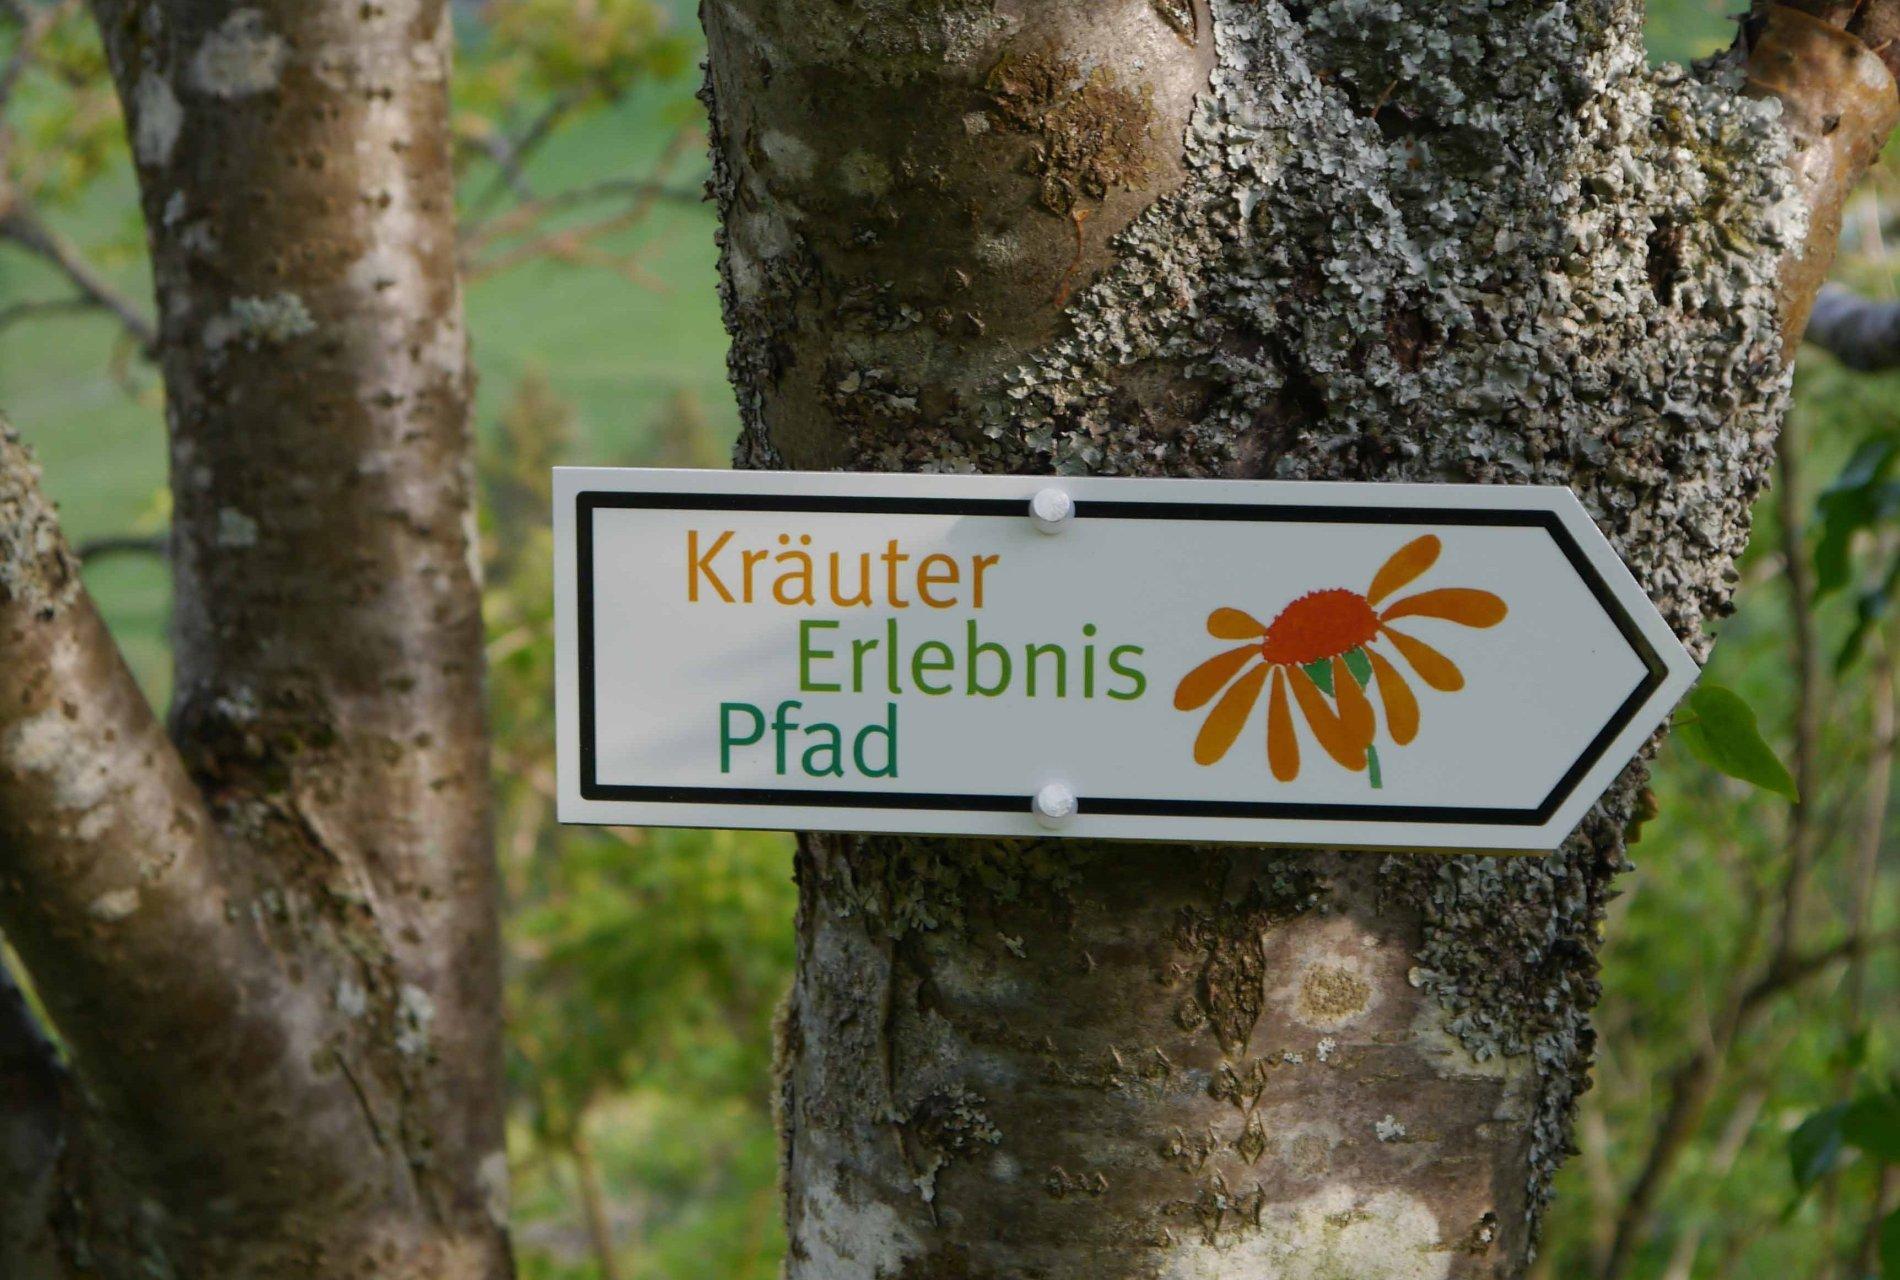 Schild zum Kräuter-Erlebnispfad in Oberried-Hofsgrund